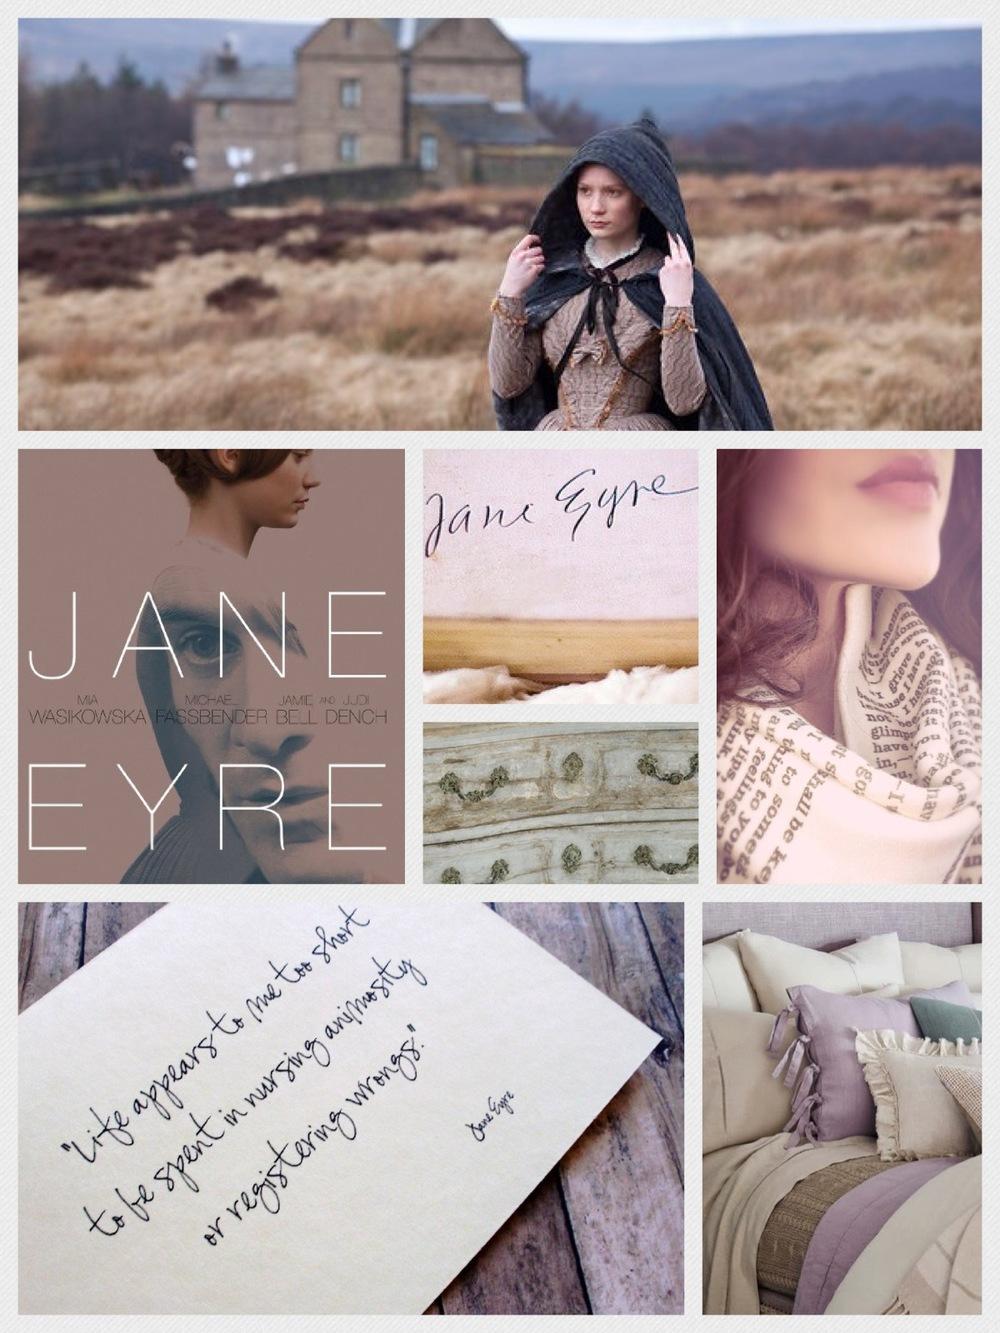 Jane Eyre (2011), Mia Wasikowska; Scarf: (Jane Eyre excerpt) Etsy; Bedding: Ralph Lauren